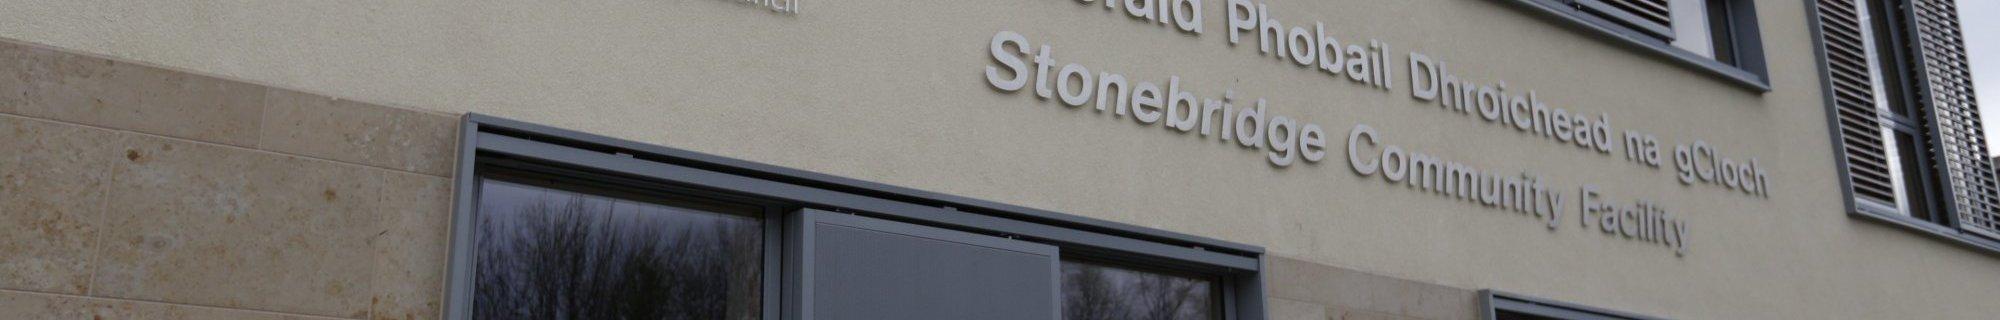 Stonebridge Building